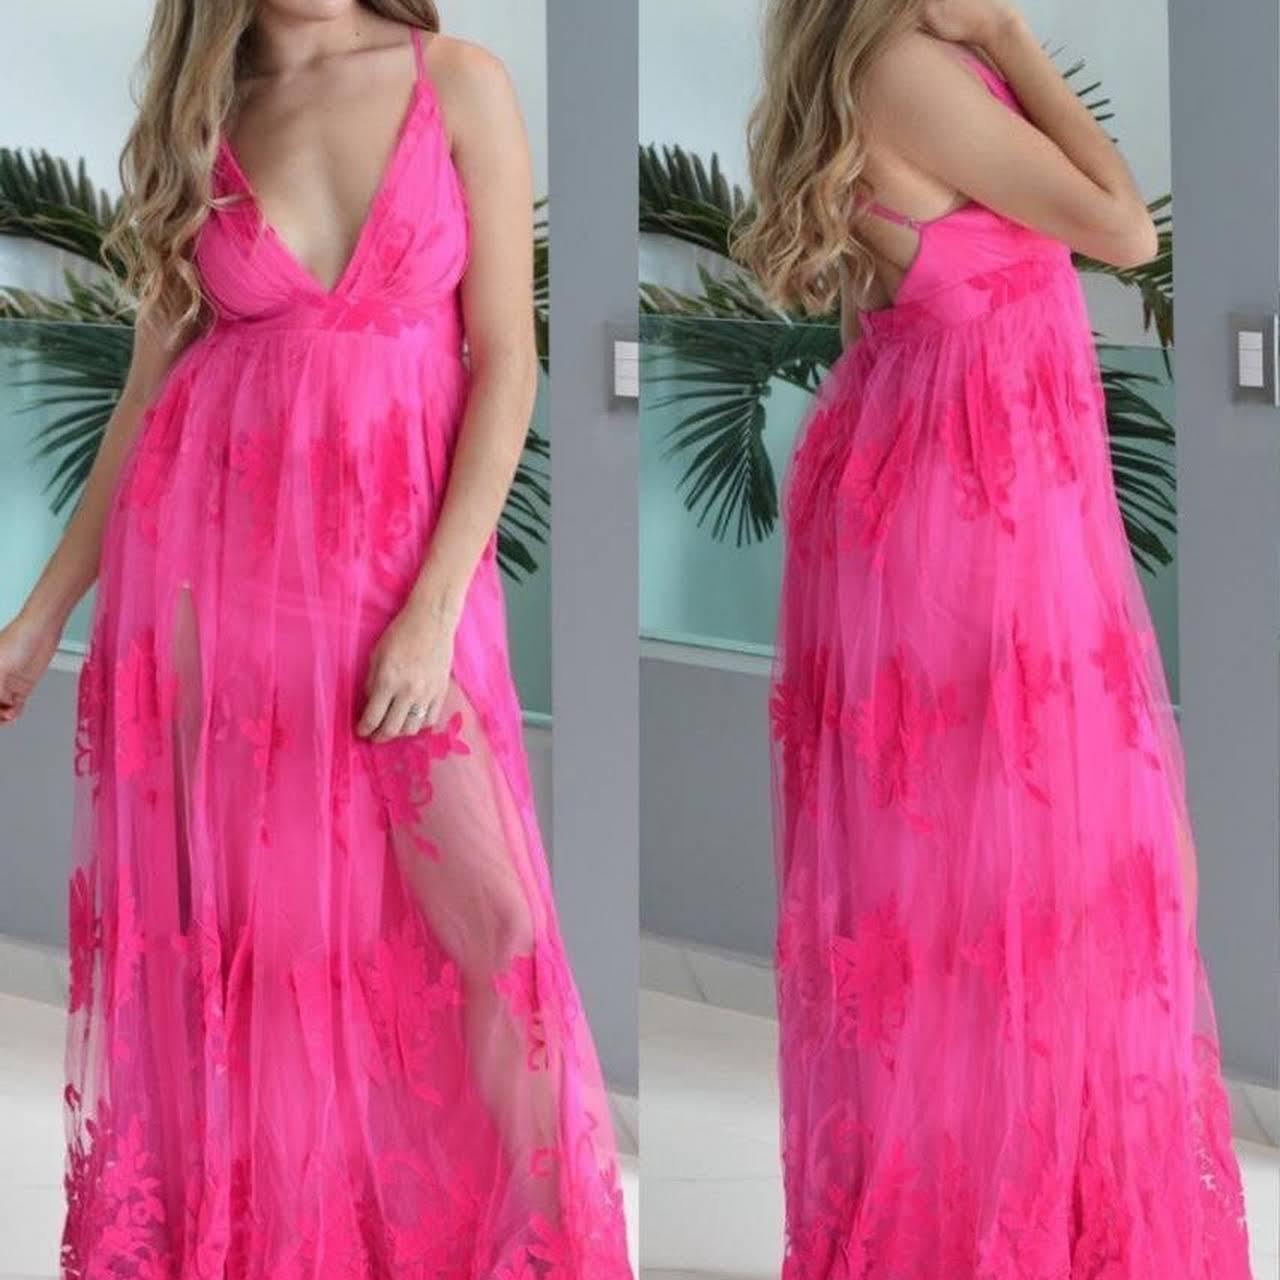 Portïa Renta Y Venta De Vestidos De Fiesta Dress Shop